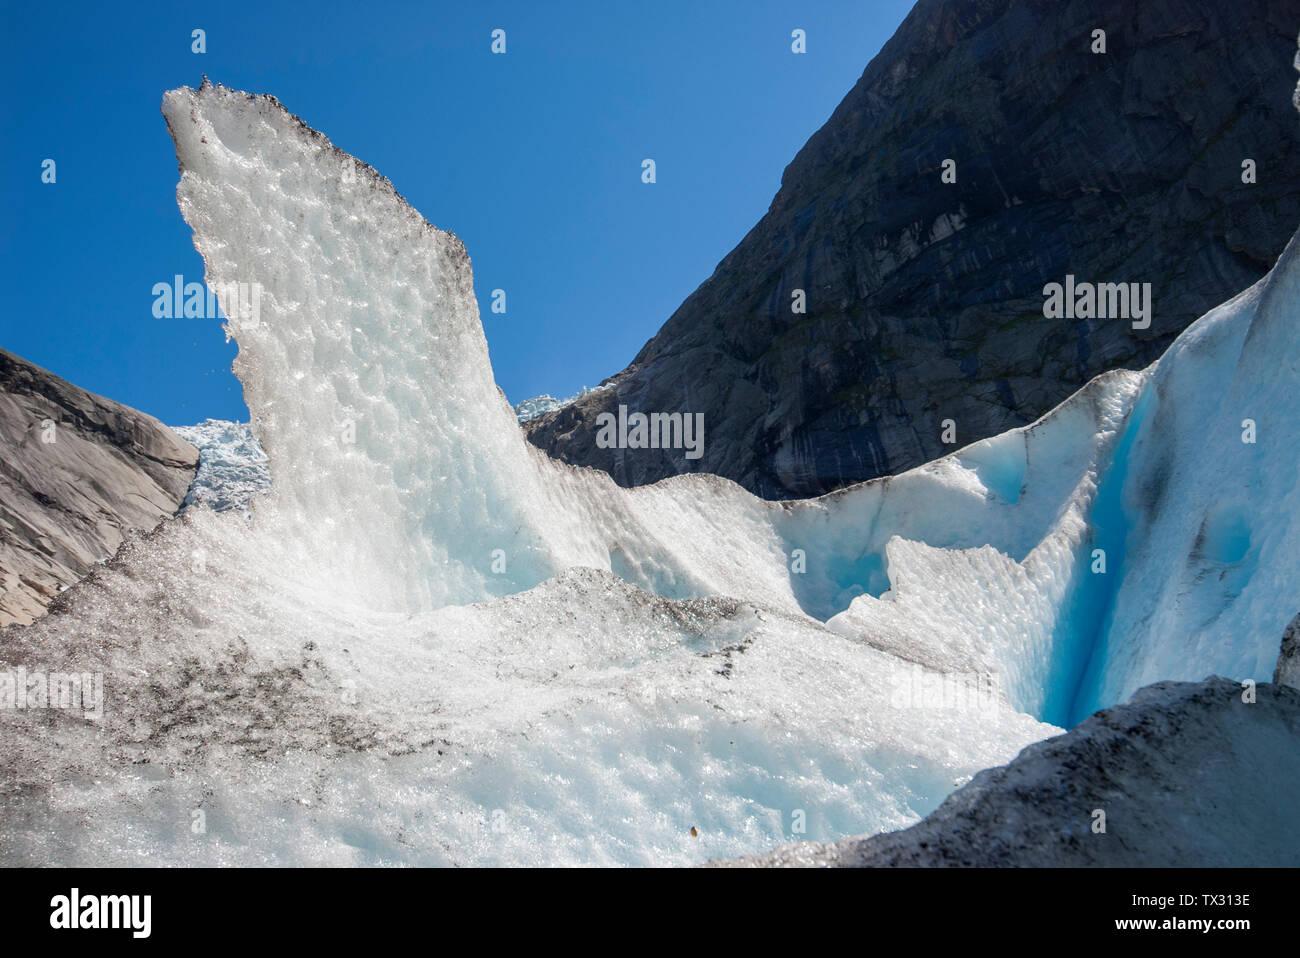 Pic de glace sur le Glacier Briksdal le long d'une journée d'été en Norvège Banque D'Images